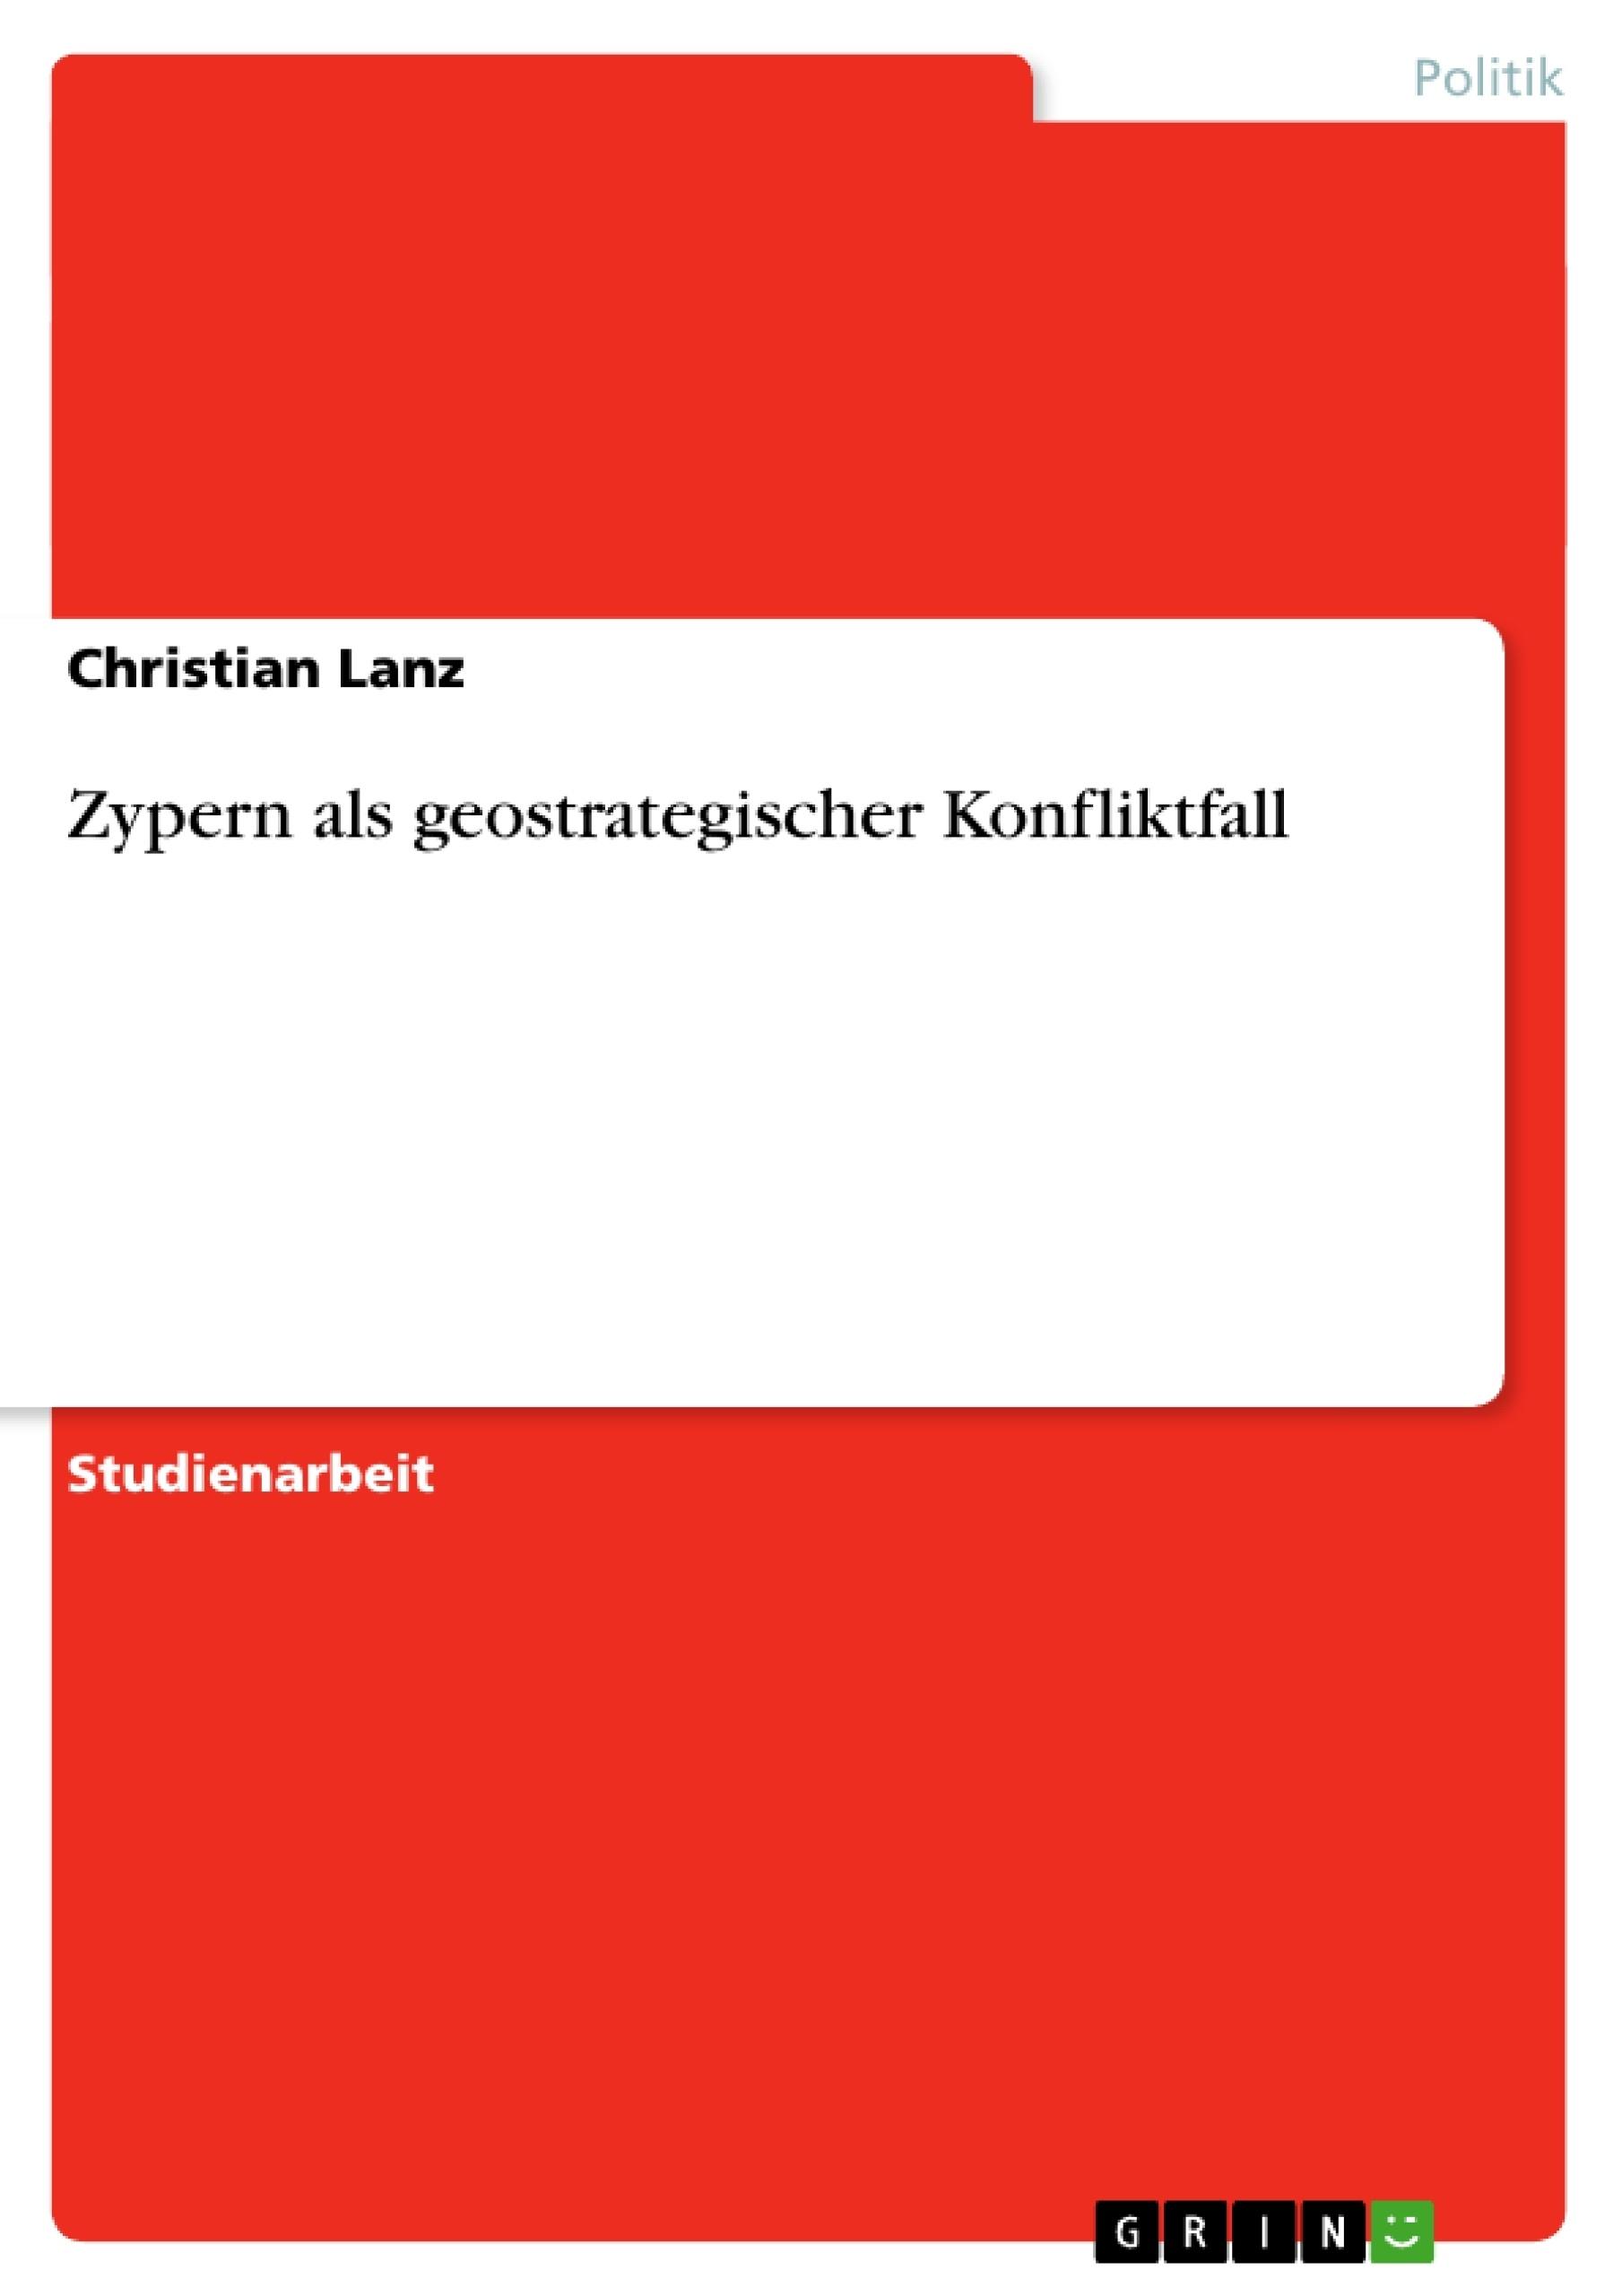 Titel: Zypern als geostrategischer Konfliktfall